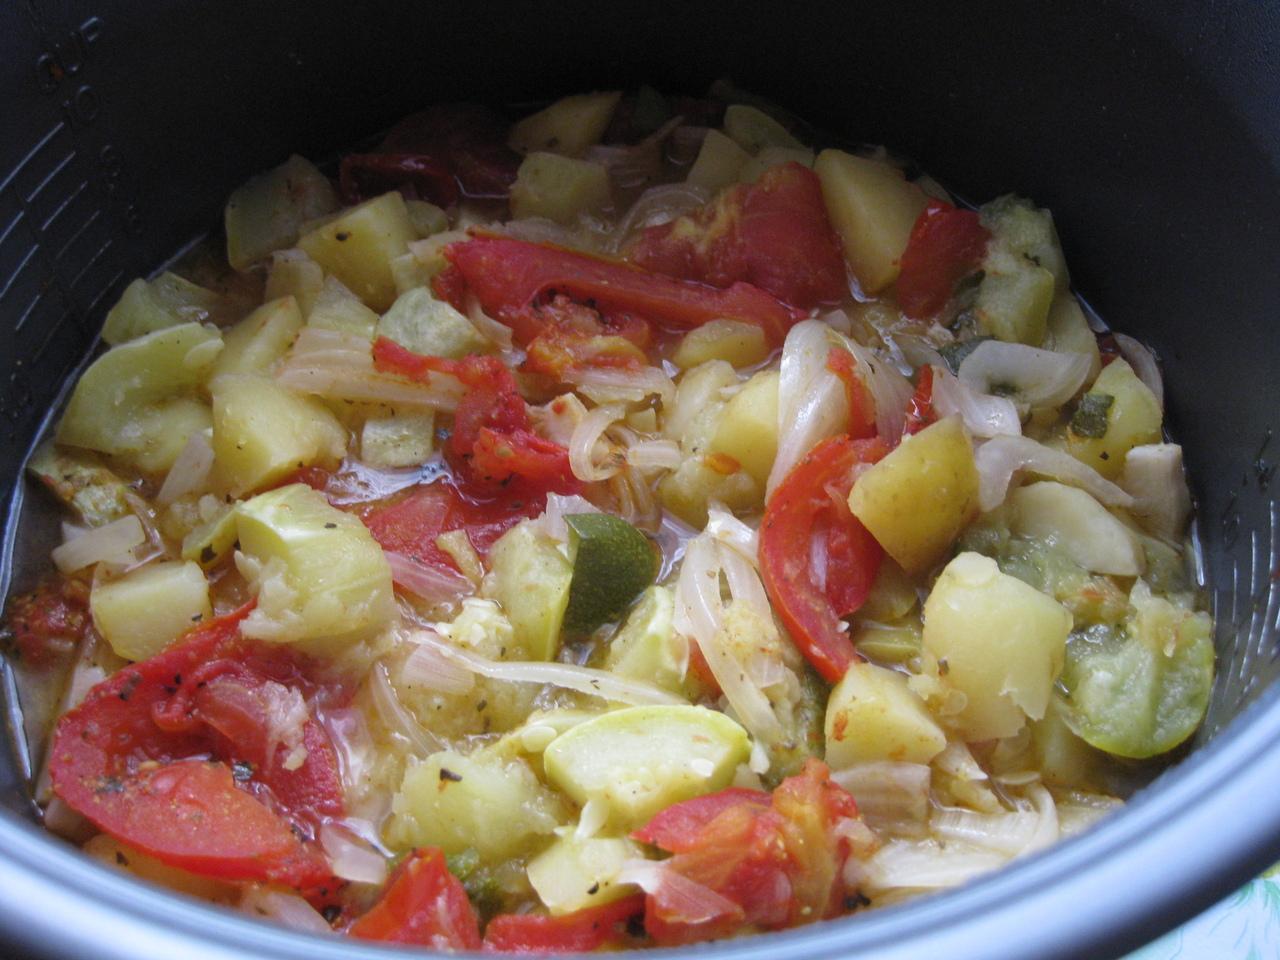 http://www.good-cook.ru/i/big/0/c/0c97b07b65687c44c8a71bbfd09090d3.jpg